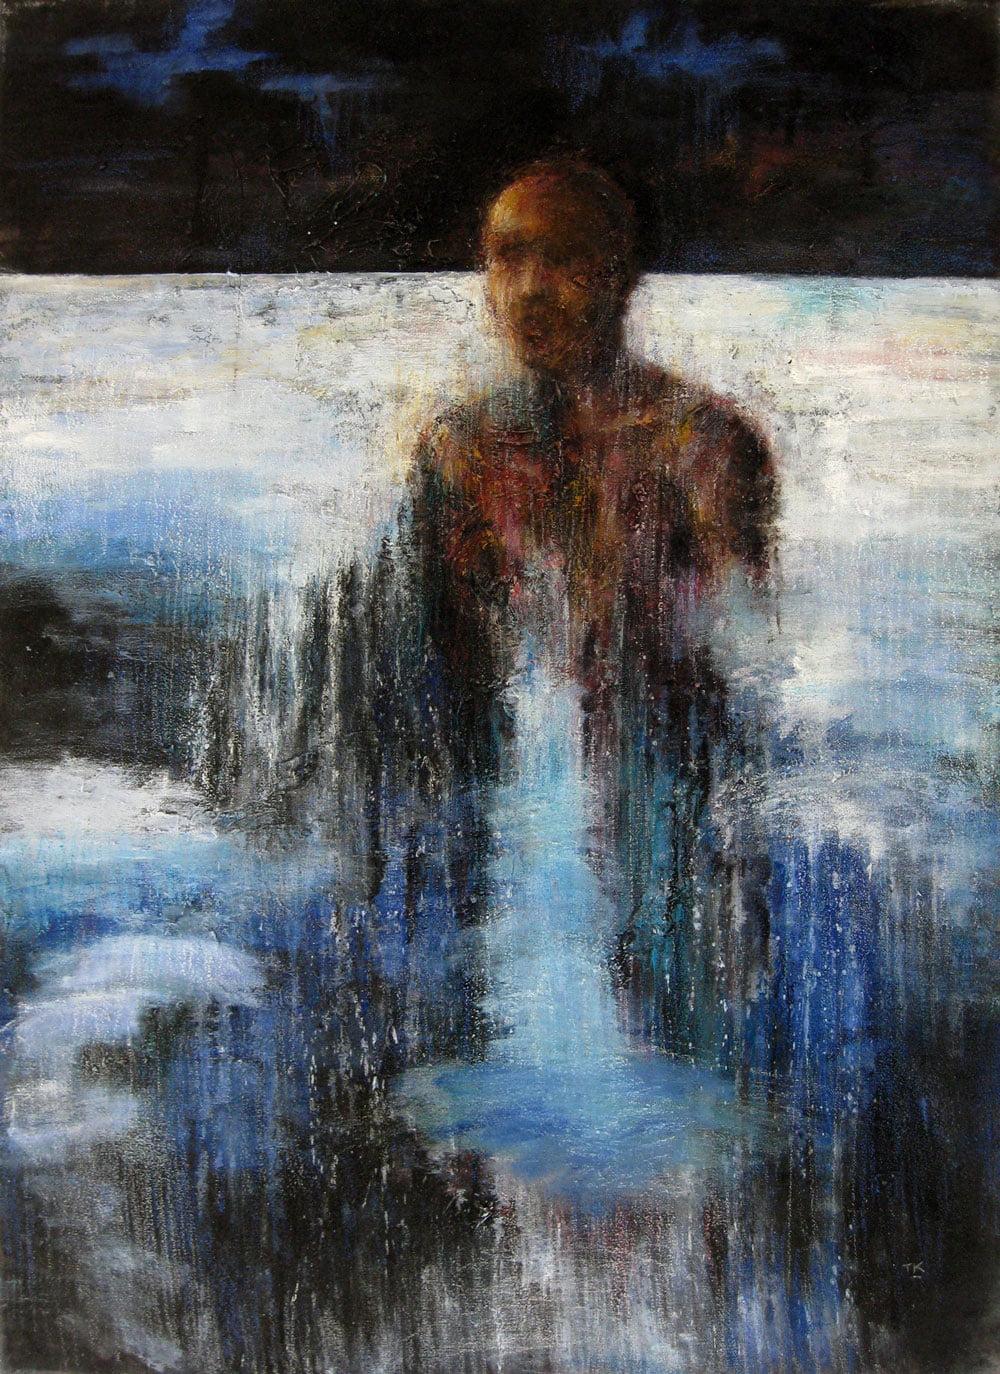 Homme-et-horizon-Titos-Kontou-galerie21-